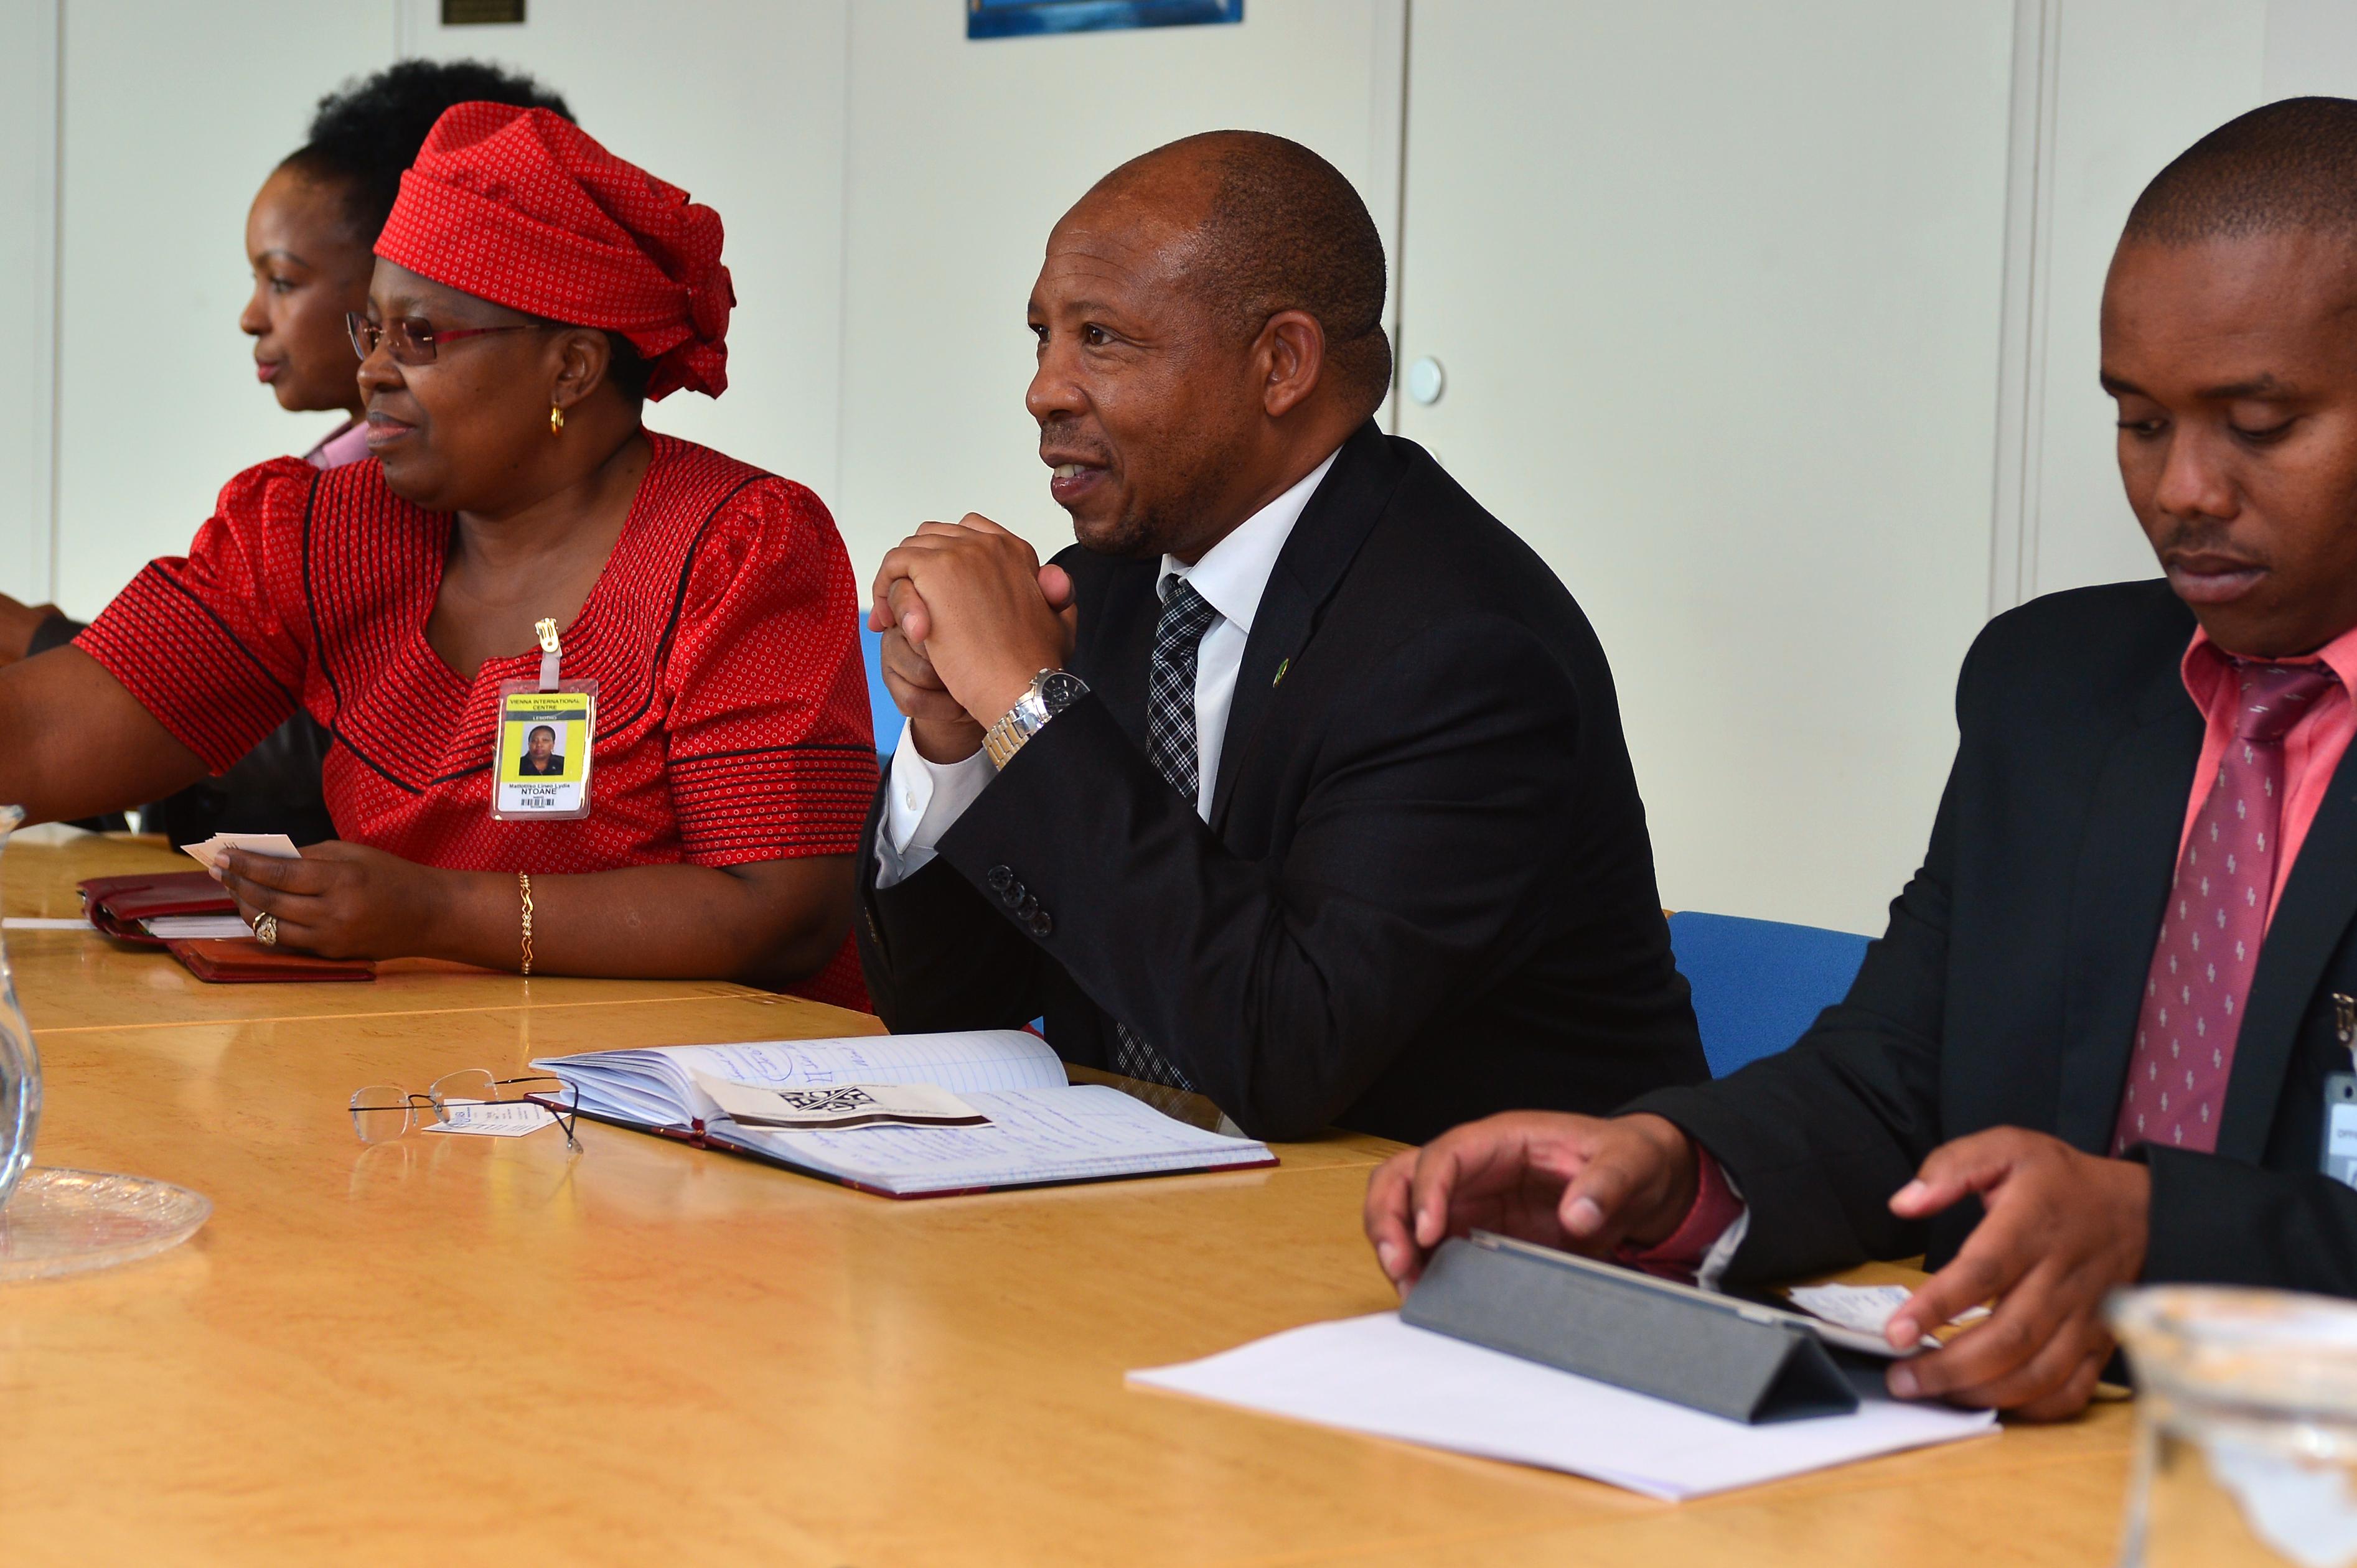 Lesotho's new Prime Minister Moeketsi Majoro sworn in